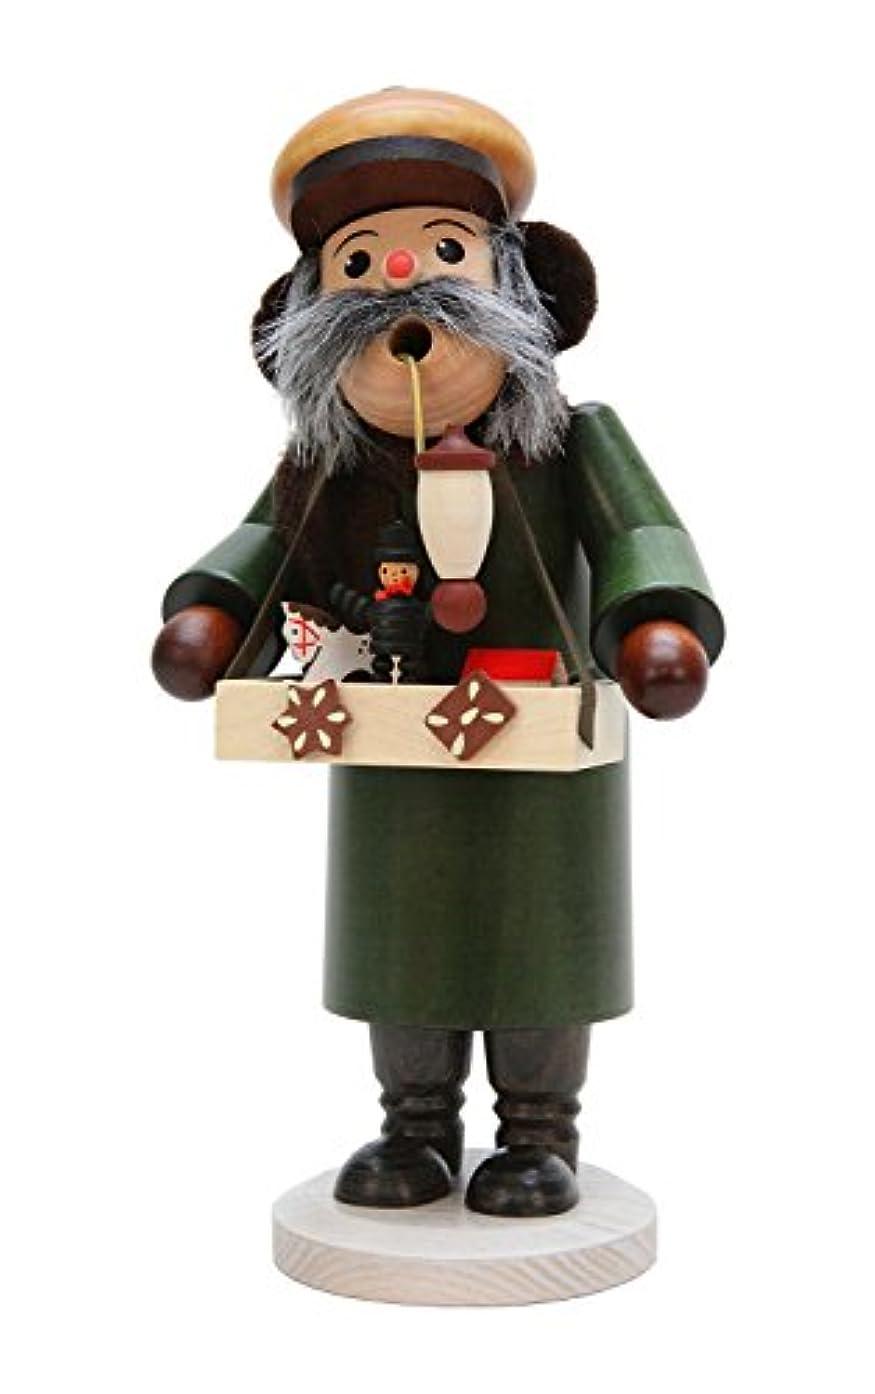 運営マンハッタン虎Alexander Taron 35-274 Christian Ulbricht Incense Burner - Toy Merchant with Many Small Toys